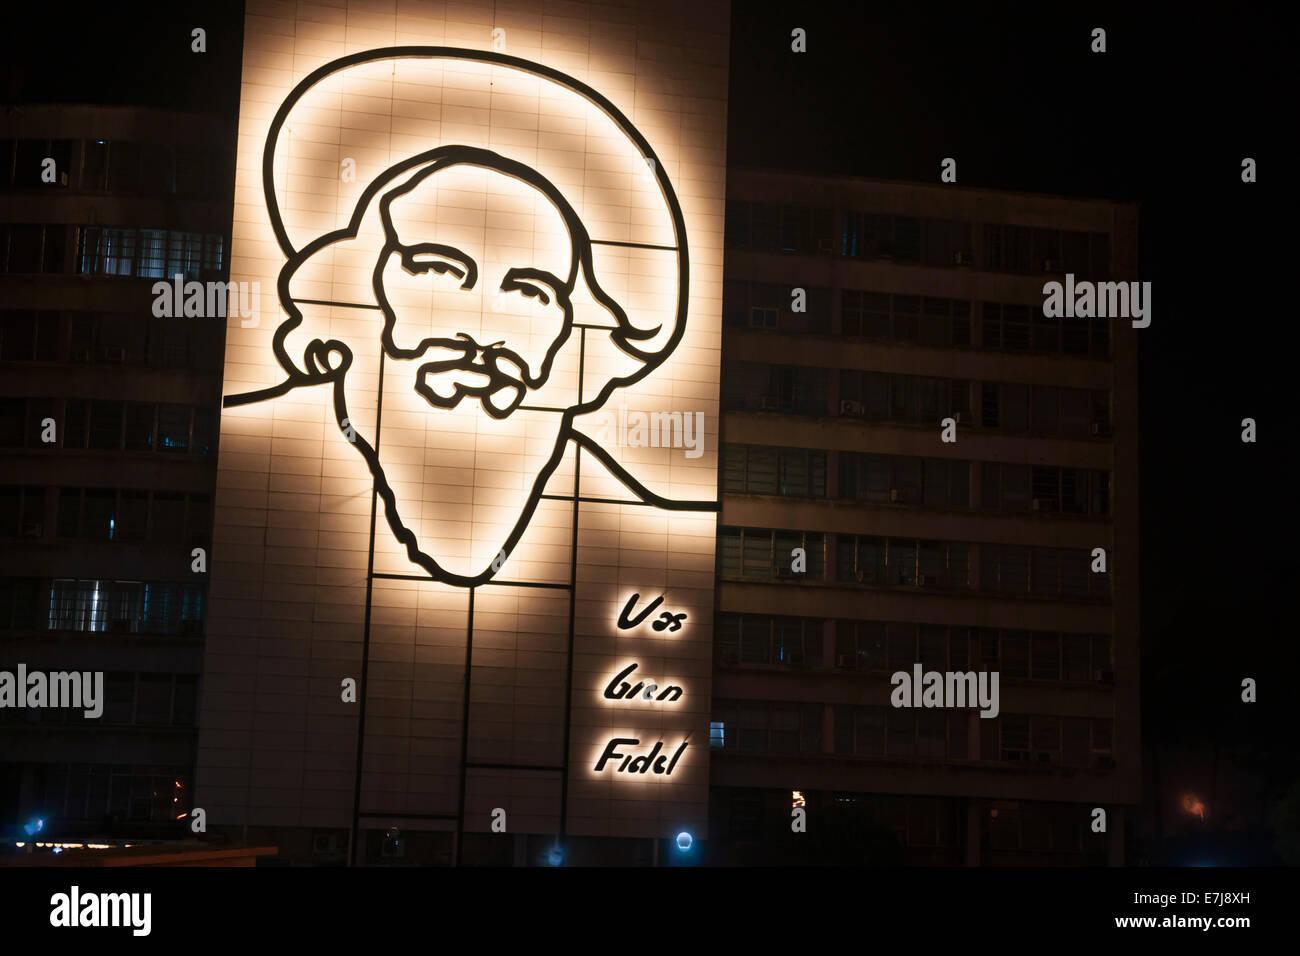 Beleuchtete Stahlskulptur von Fidel Castro auf Seite des Gebäudes in Havanna. Stockbild